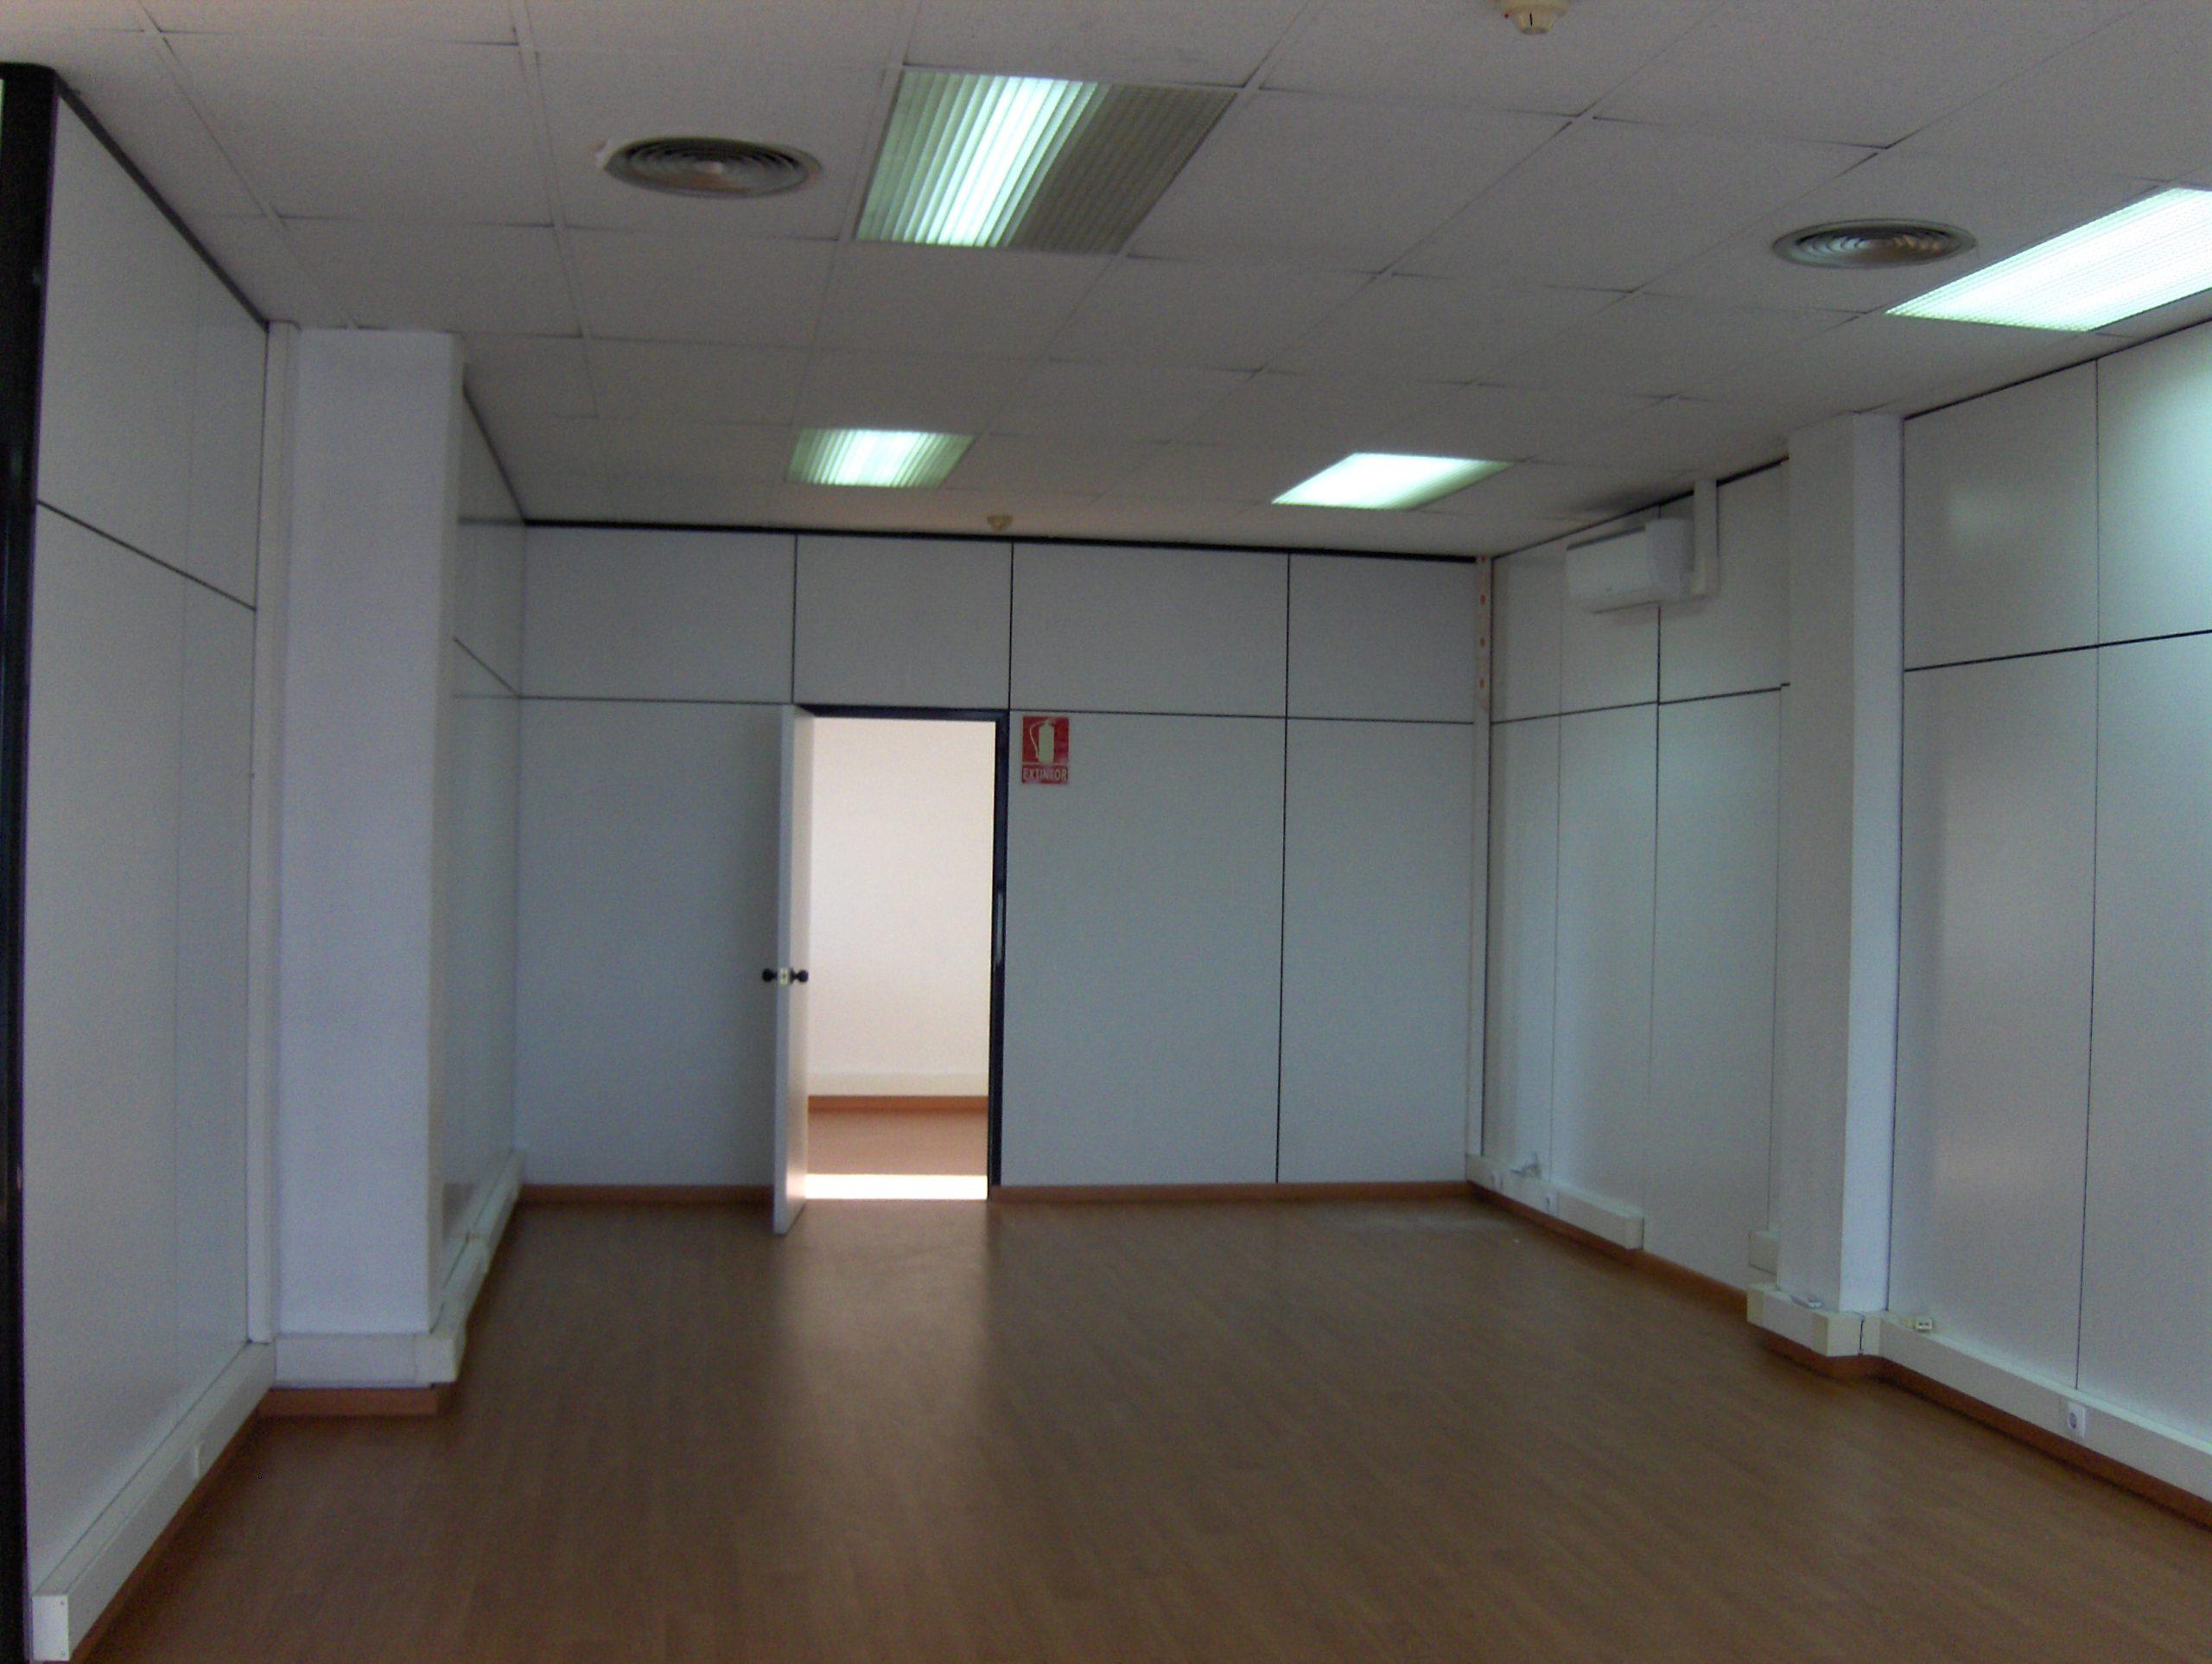 Oficina con 3 despachos